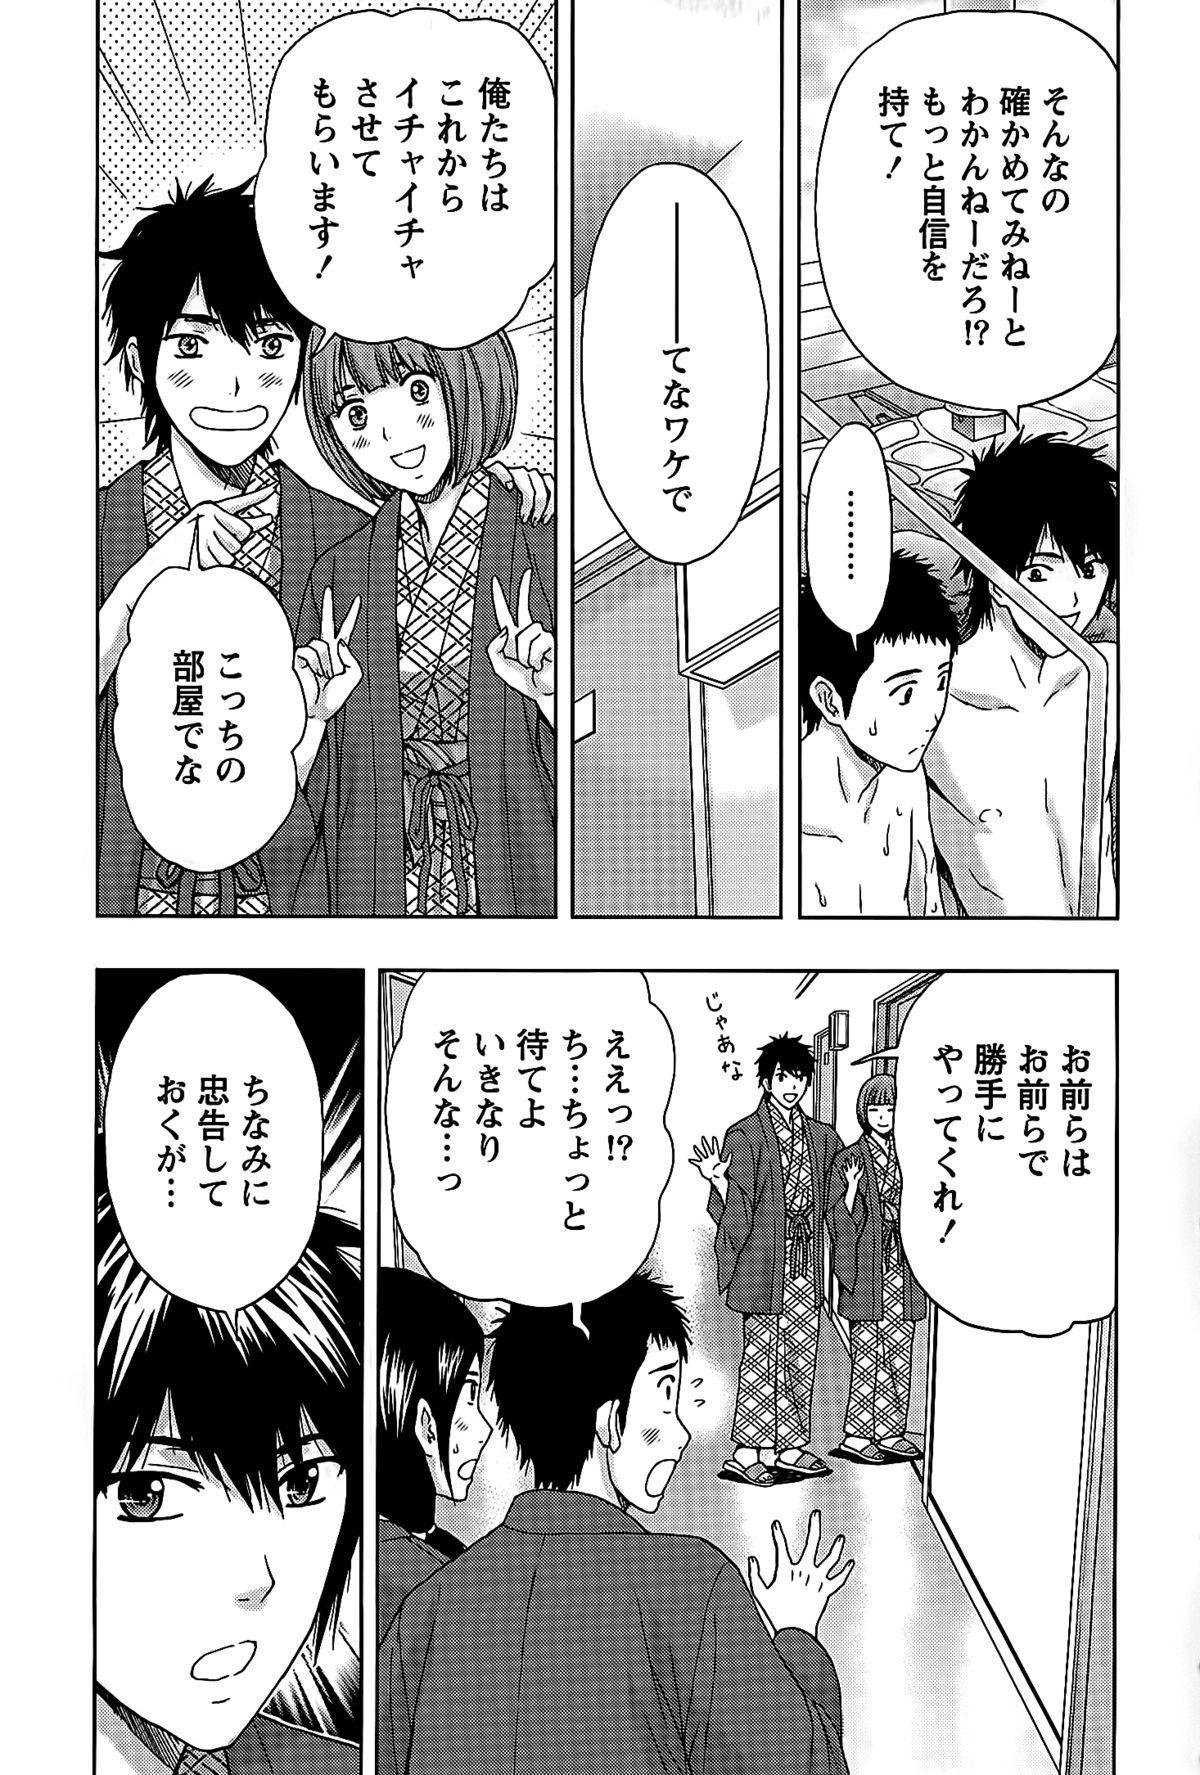 Shittori Lady to Amai Mitsu 155